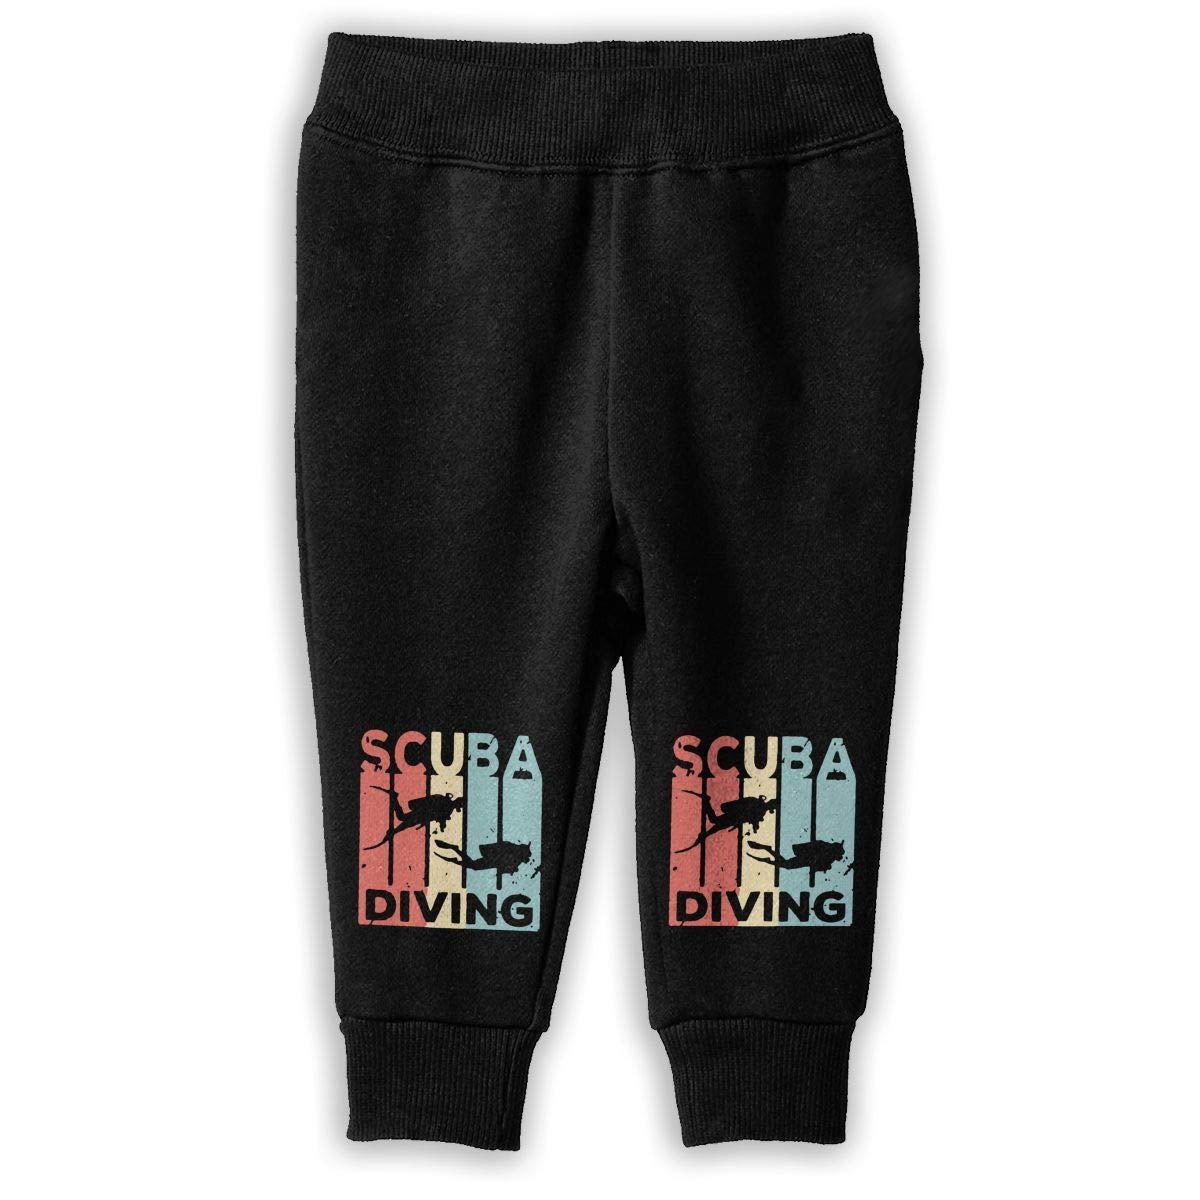 Little Girls Sport Jogging Pants Retro Scuba Diving Vintage Sweatpants